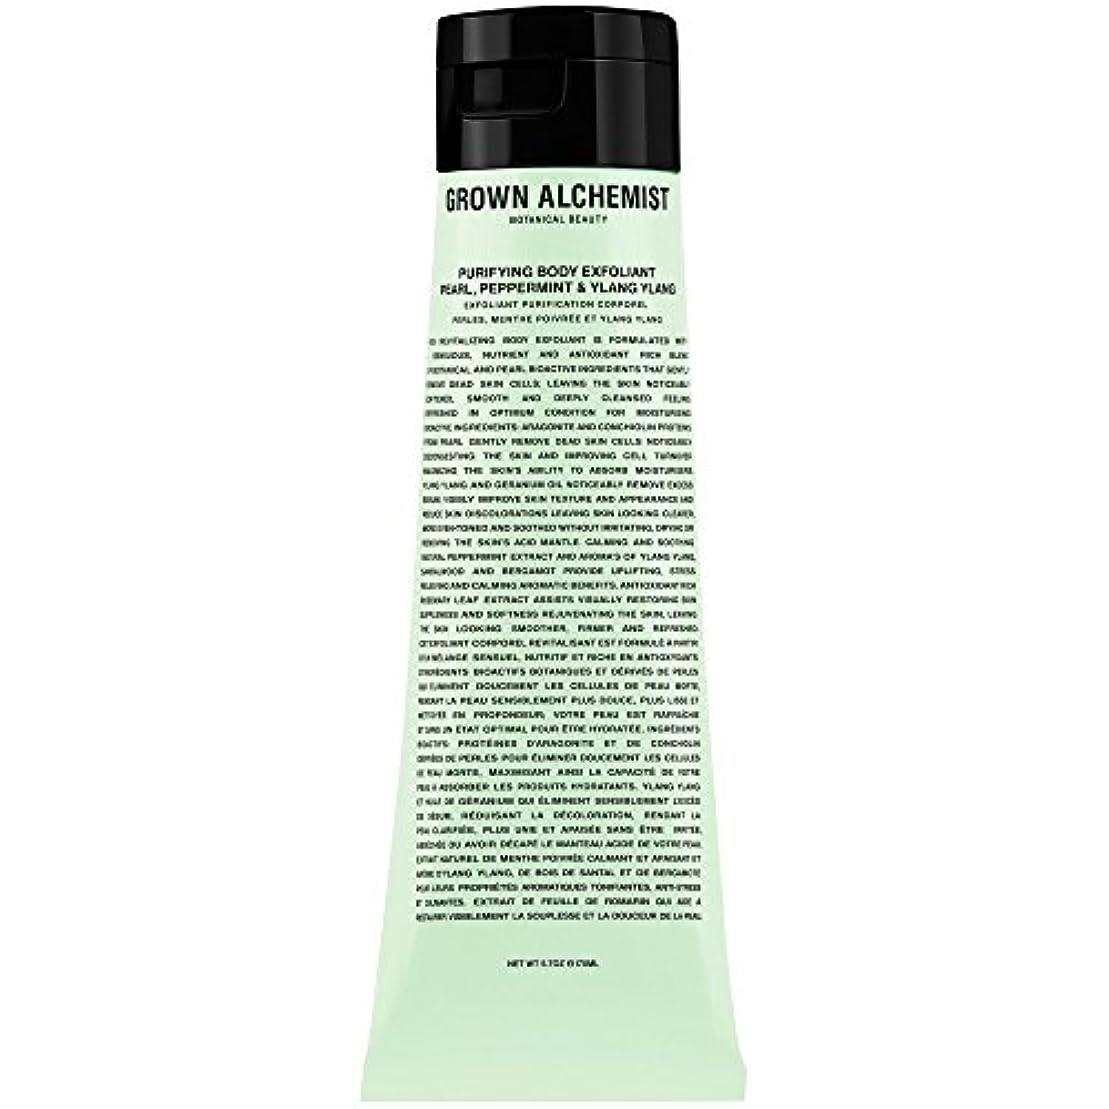 ヨーロッパ明らか石成長した錬金術師浄化体剥脱真珠ペパーミント&イランイラン170ミリリットル (Grown Alchemist) (x2) - Grown Alchemist Purifying Body Exfoliant Pearl...